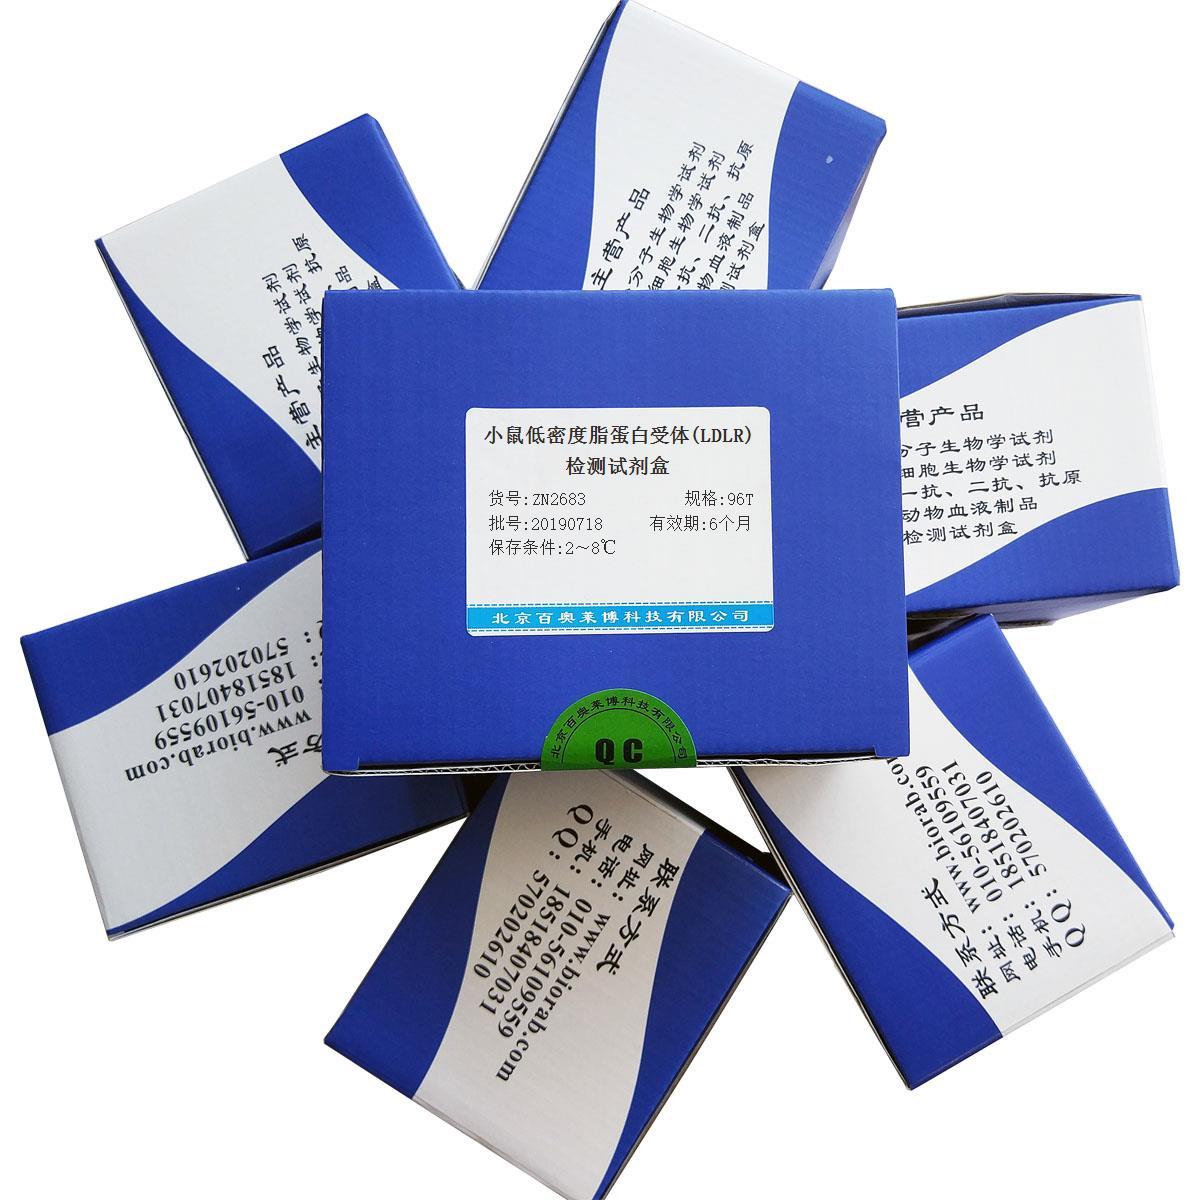 小鼠低密度脂蛋白受体(LDLR)检测试剂盒